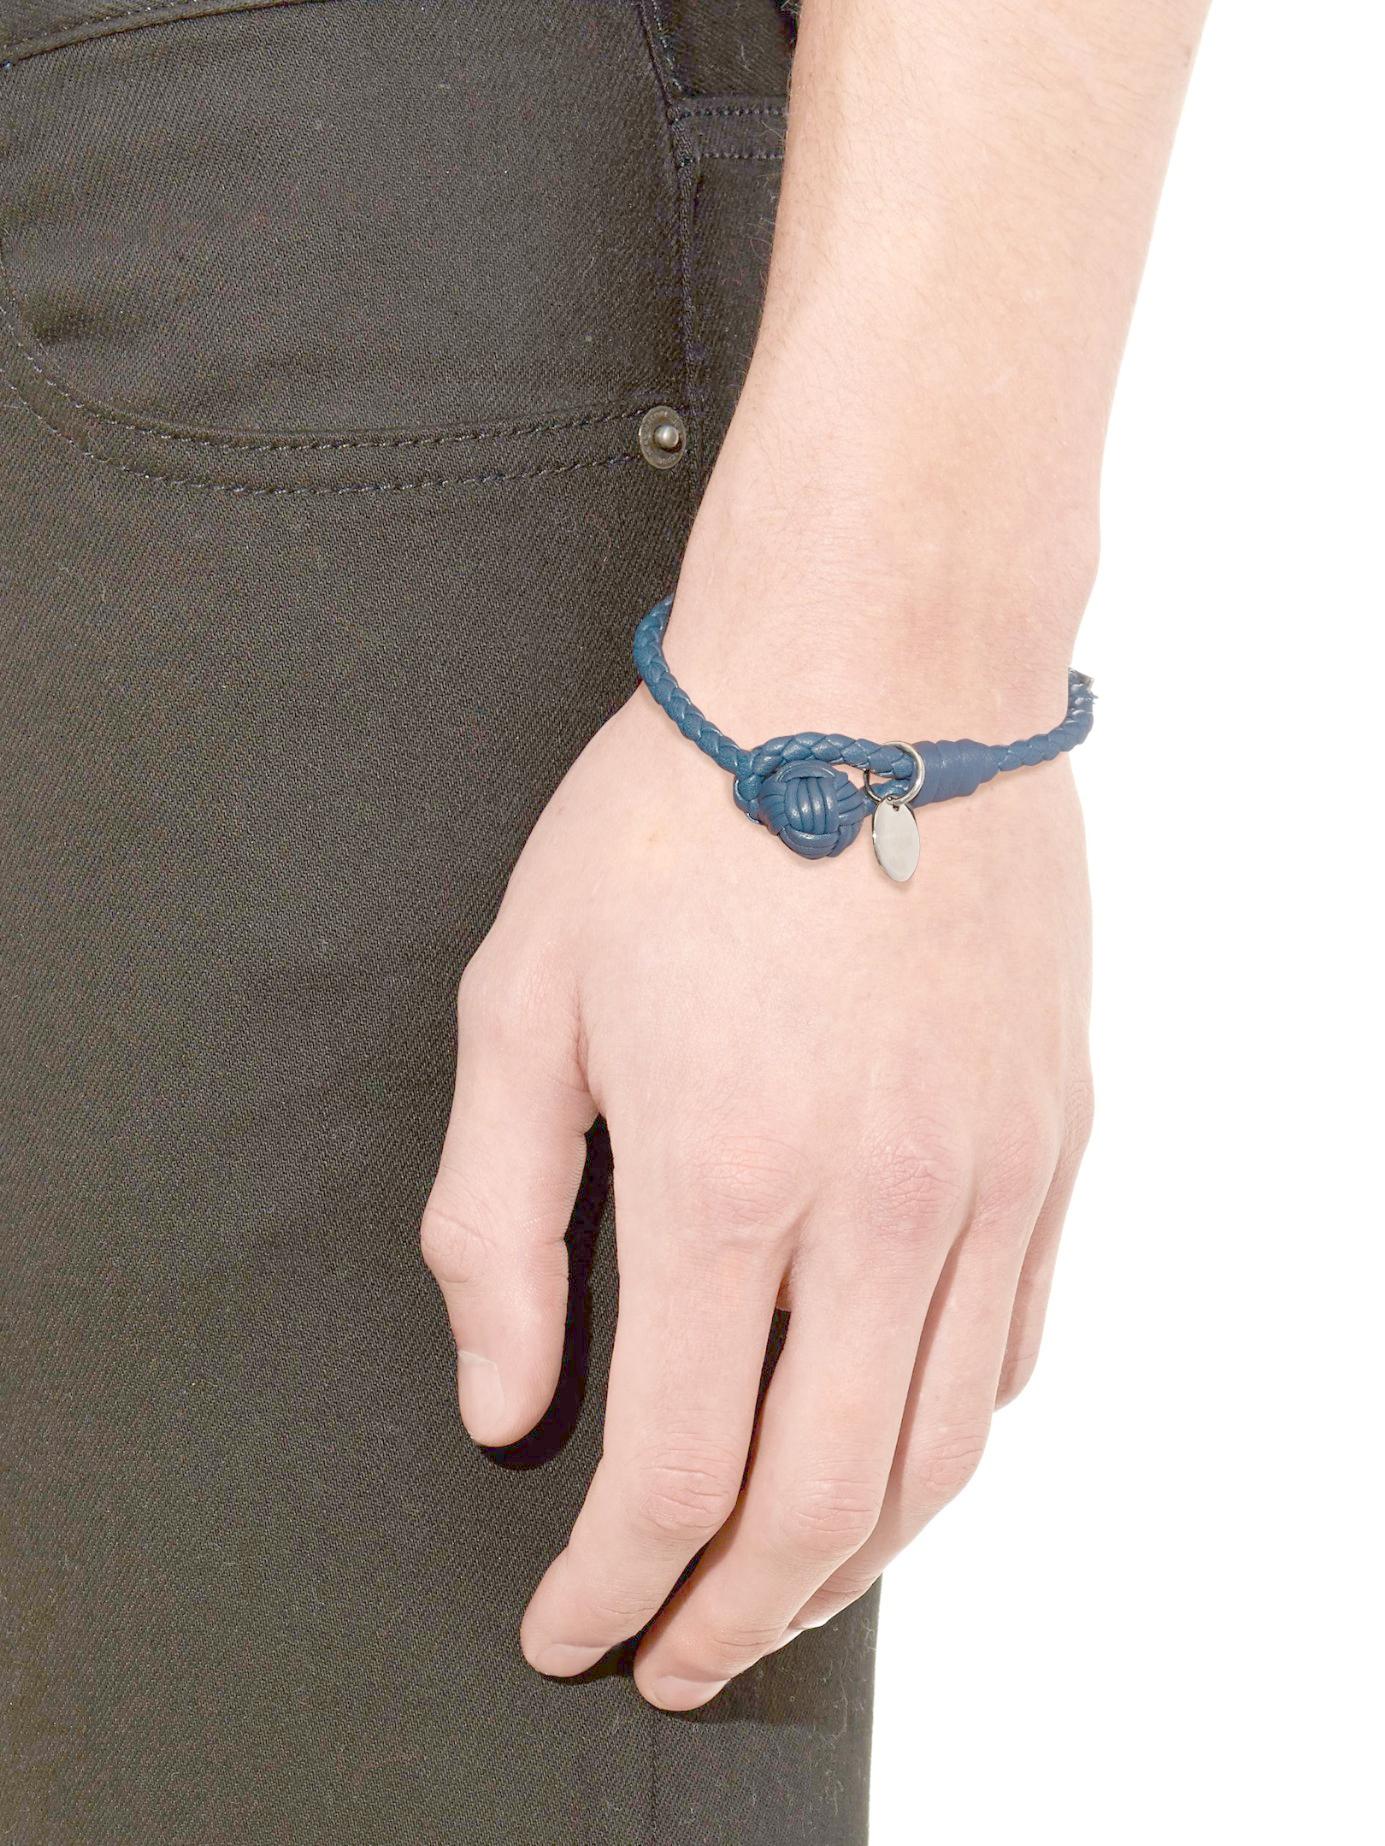 veneta black single men Buy bottega veneta men's black nero intrecciato nappa bracelet, starting at $351 similar products also available sale now on.